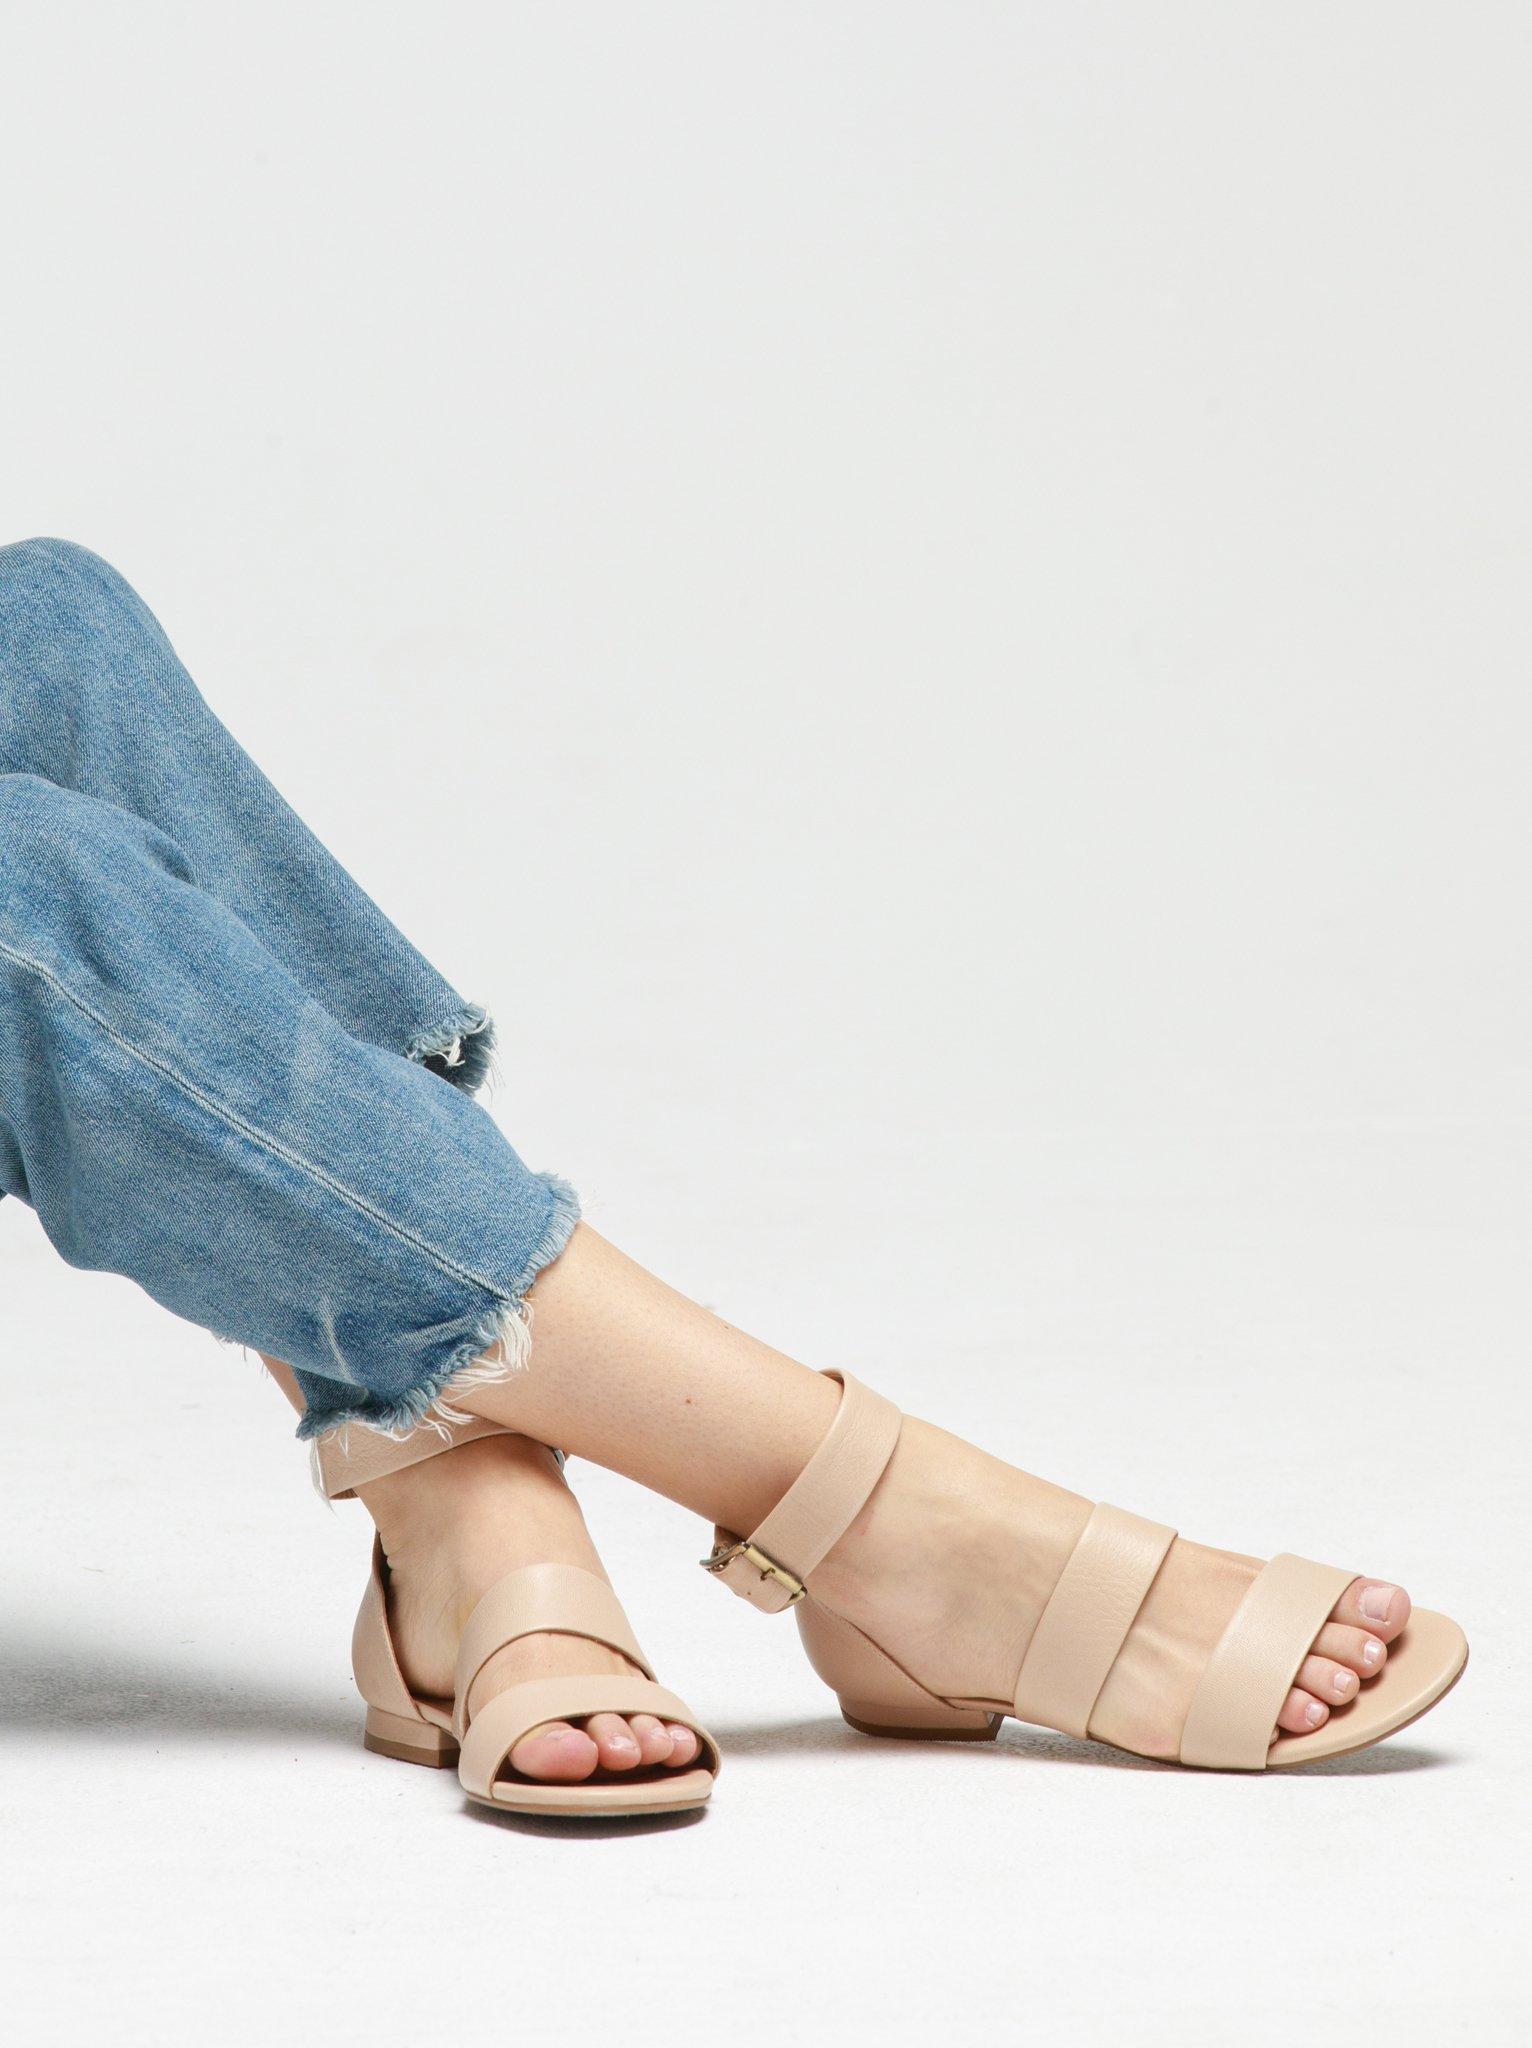 ethical sandal brands